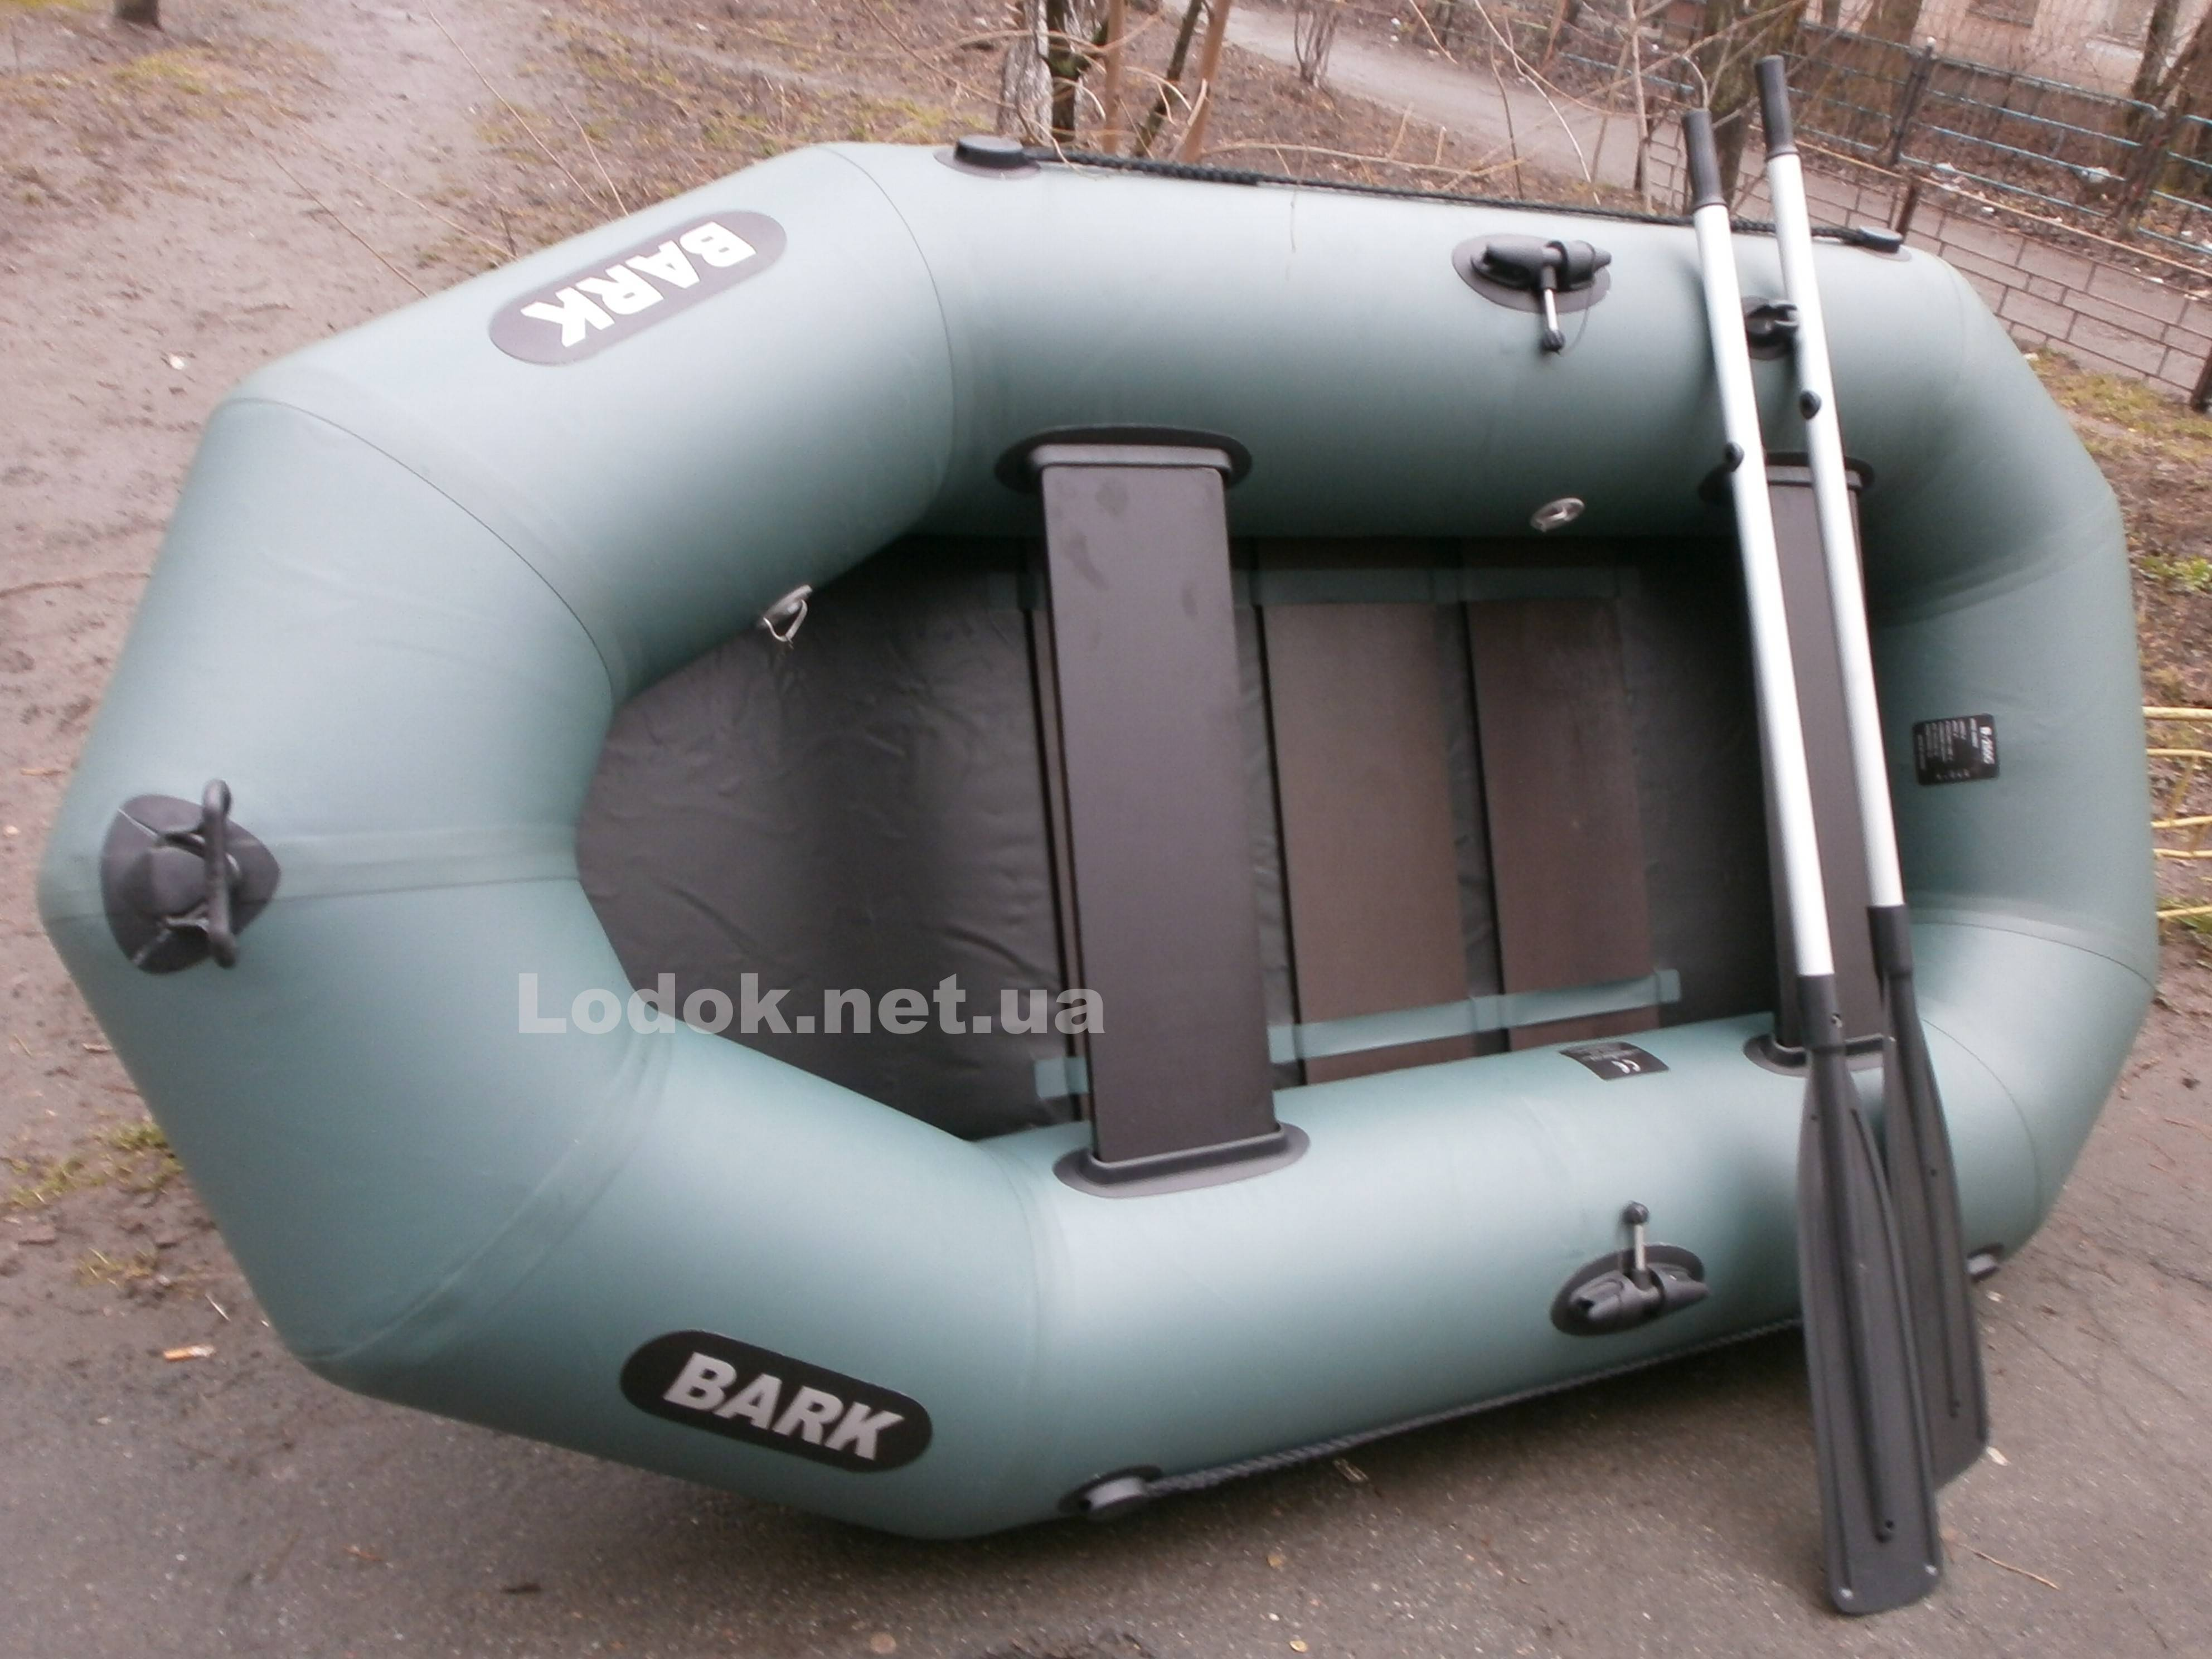 Лодка Барк: устройство и подготовка к использованию